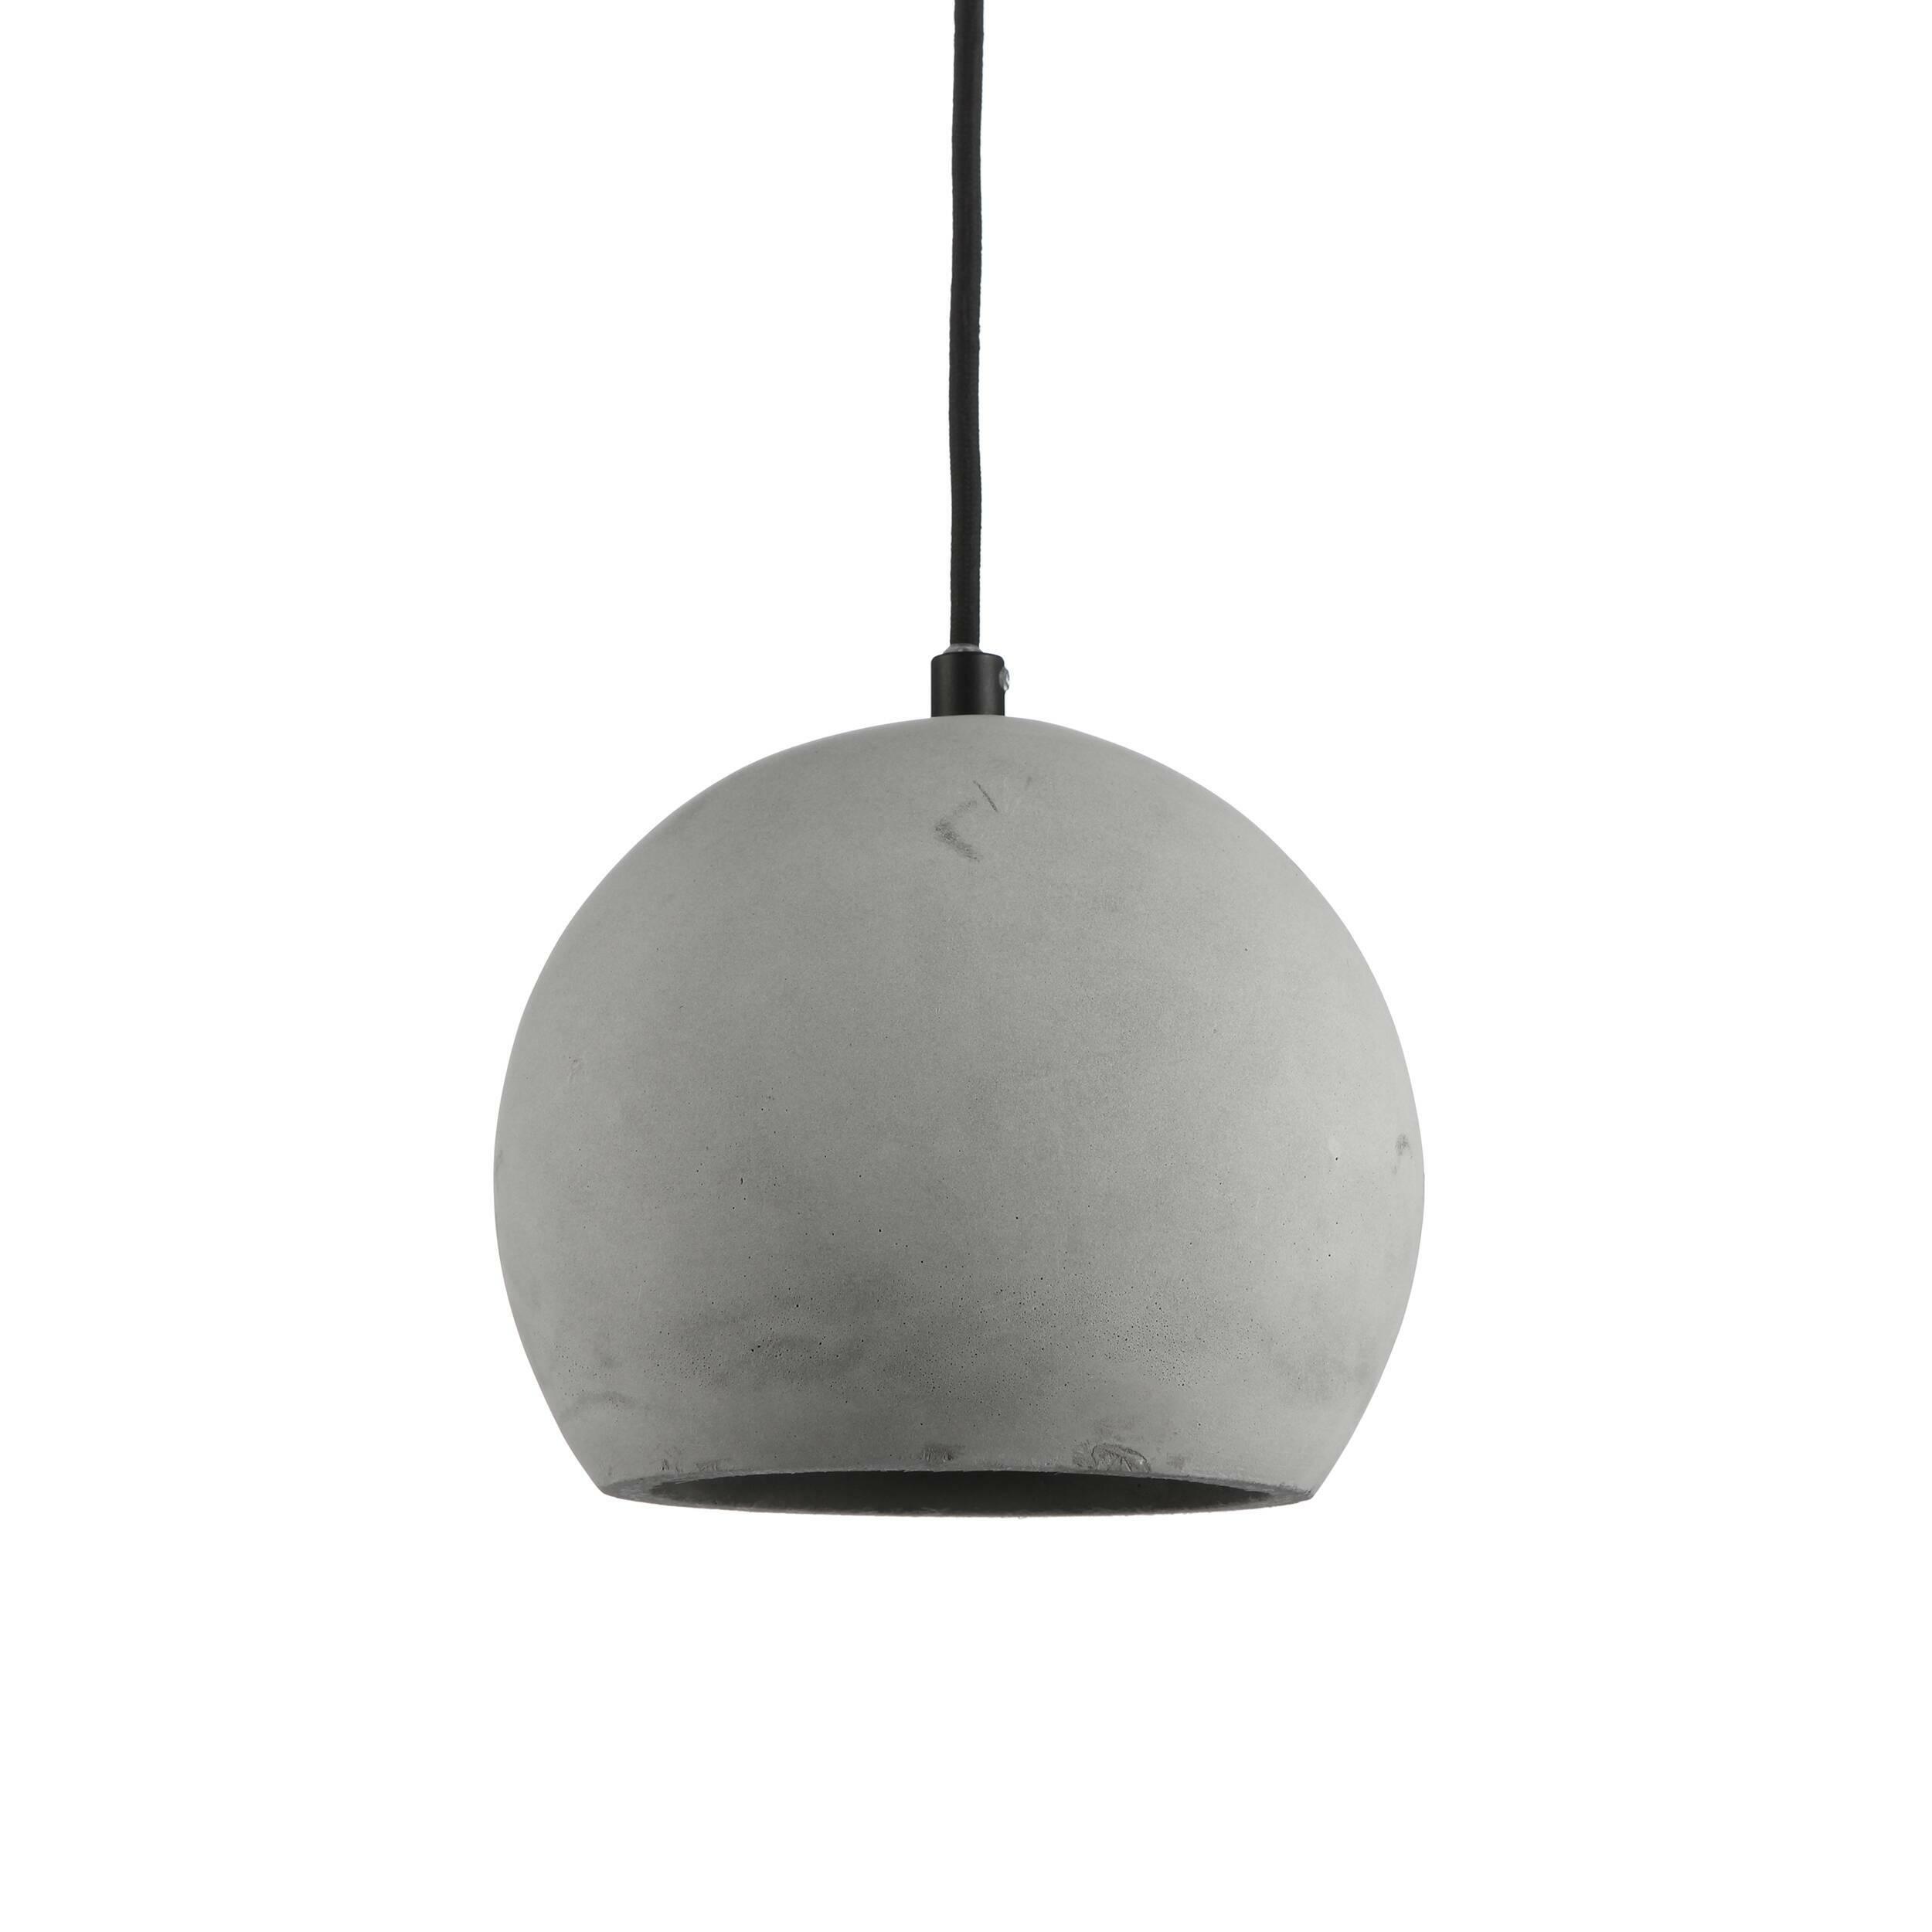 Подвесной светильник Nordic SphereПодвесные<br>Подвесной светильник Nordic Sphere — на первый взгляд, простая и весьма брутальная лампа, но на деле — самое последнее веяние в индустрии дизайна. Сегодня все дизайнеры пришли к тому, что современный интерьер должен быть ярким и индивидуальным, избавленным от любых границ и табу. Бетонный плафон лампы выглядит непривычно и одновременно заманчиво, уж больно велик соблазн обыграть этот предмет в интерьере, интегрировать в домашнее пространство и сделать заметной, «увесистой» деталью комнаты....<br><br>stock: 0<br>Диаметр: 20<br>Количество ламп: 1<br>Материал абажура: Бетон<br>Материал арматуры: Сталь<br>Мощность лампы: 40<br>Ламп в комплекте: Нет<br>Напряжение: 220<br>Тип лампы/цоколь: E14<br>Цвет абажура: Натуральный<br>Цвет арматуры: Черный